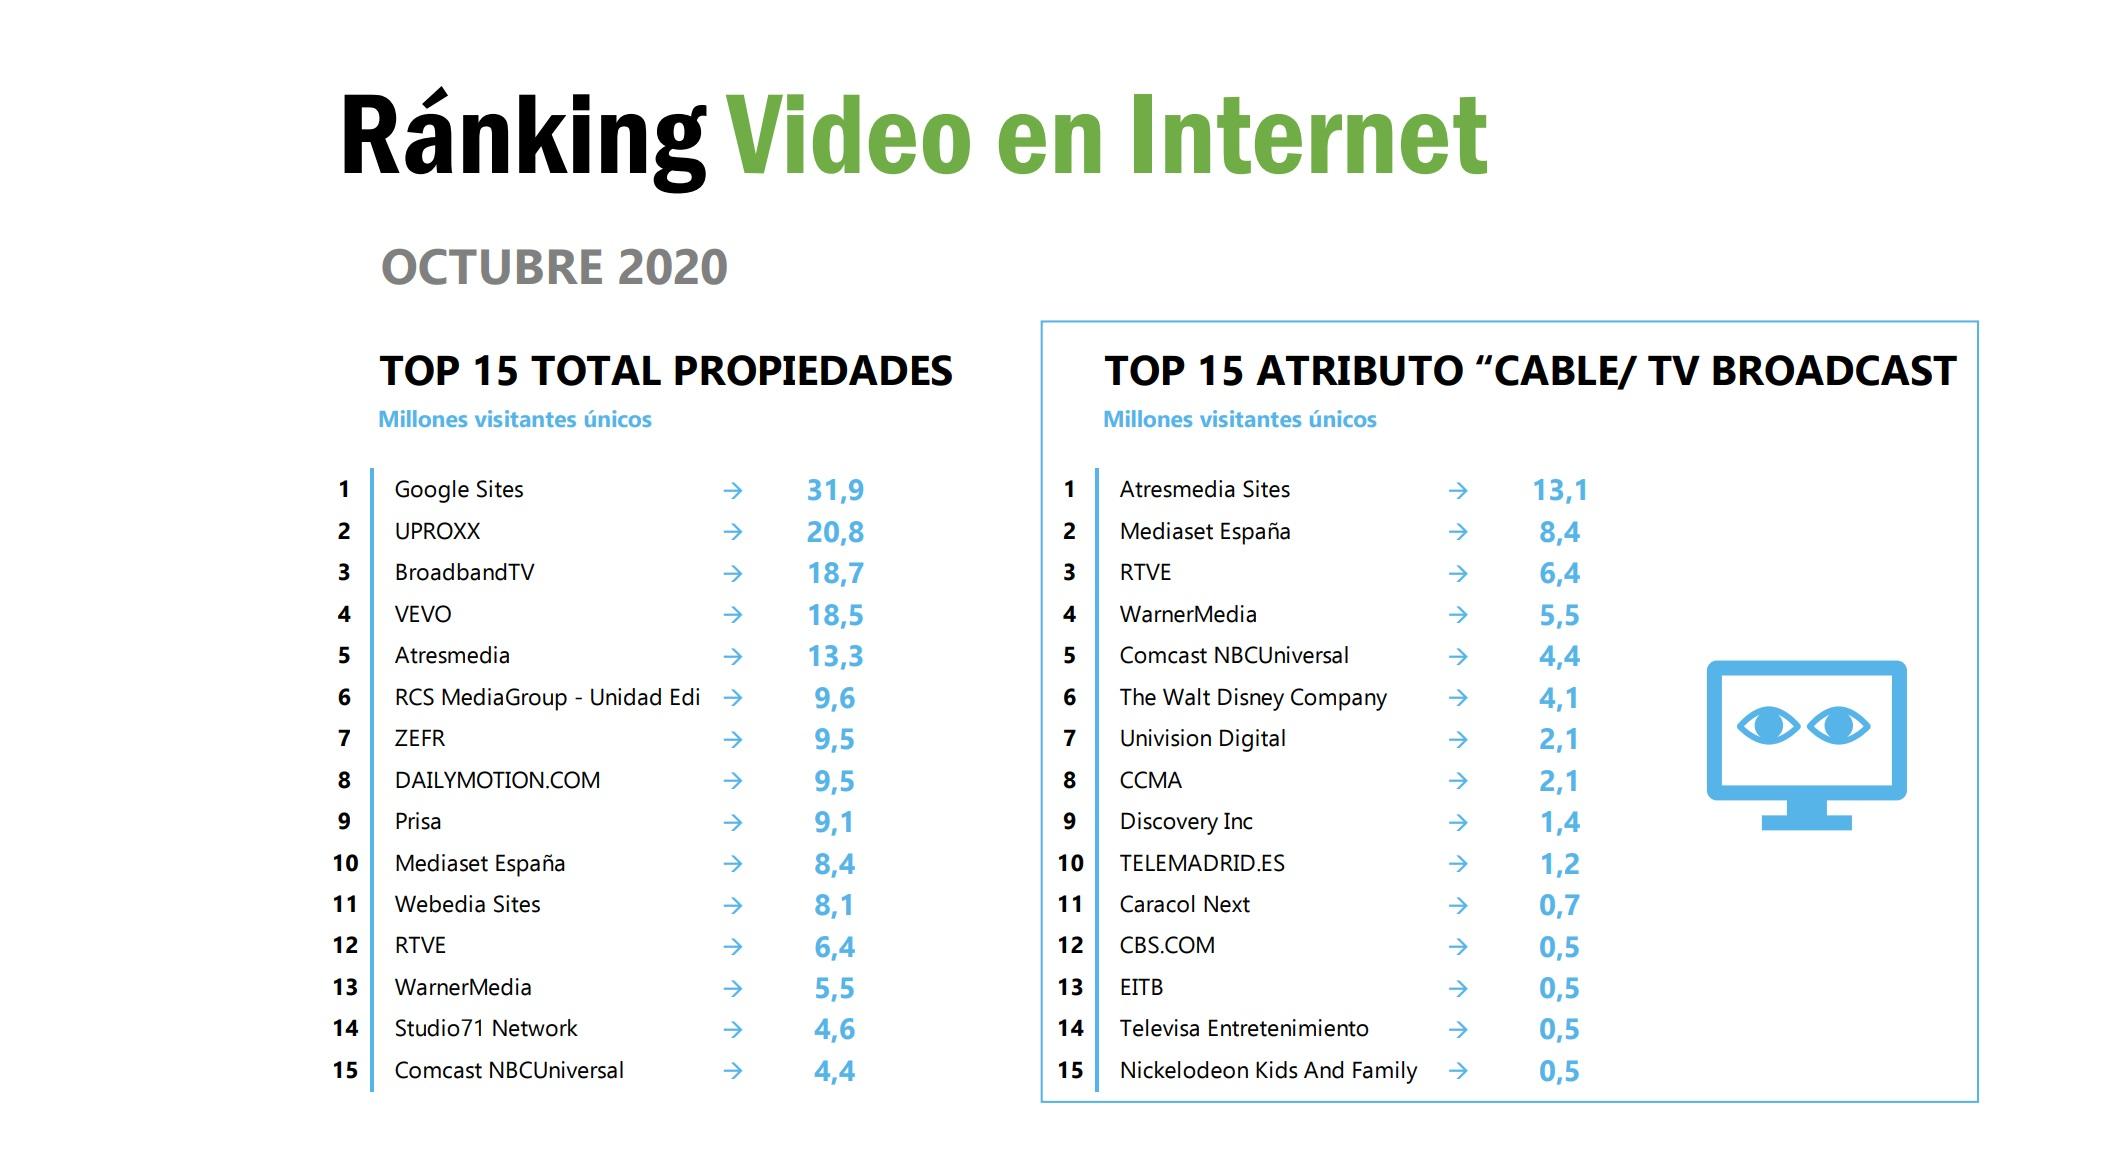 https://www.programapublicidad.com/wp-content/uploads/2020/11/ranking-video-internet-global-broadcast-tv-top15-Consumo-diario-Internet-Televisión-Octubre-2020-barloventoprogramapublicidad.jpg